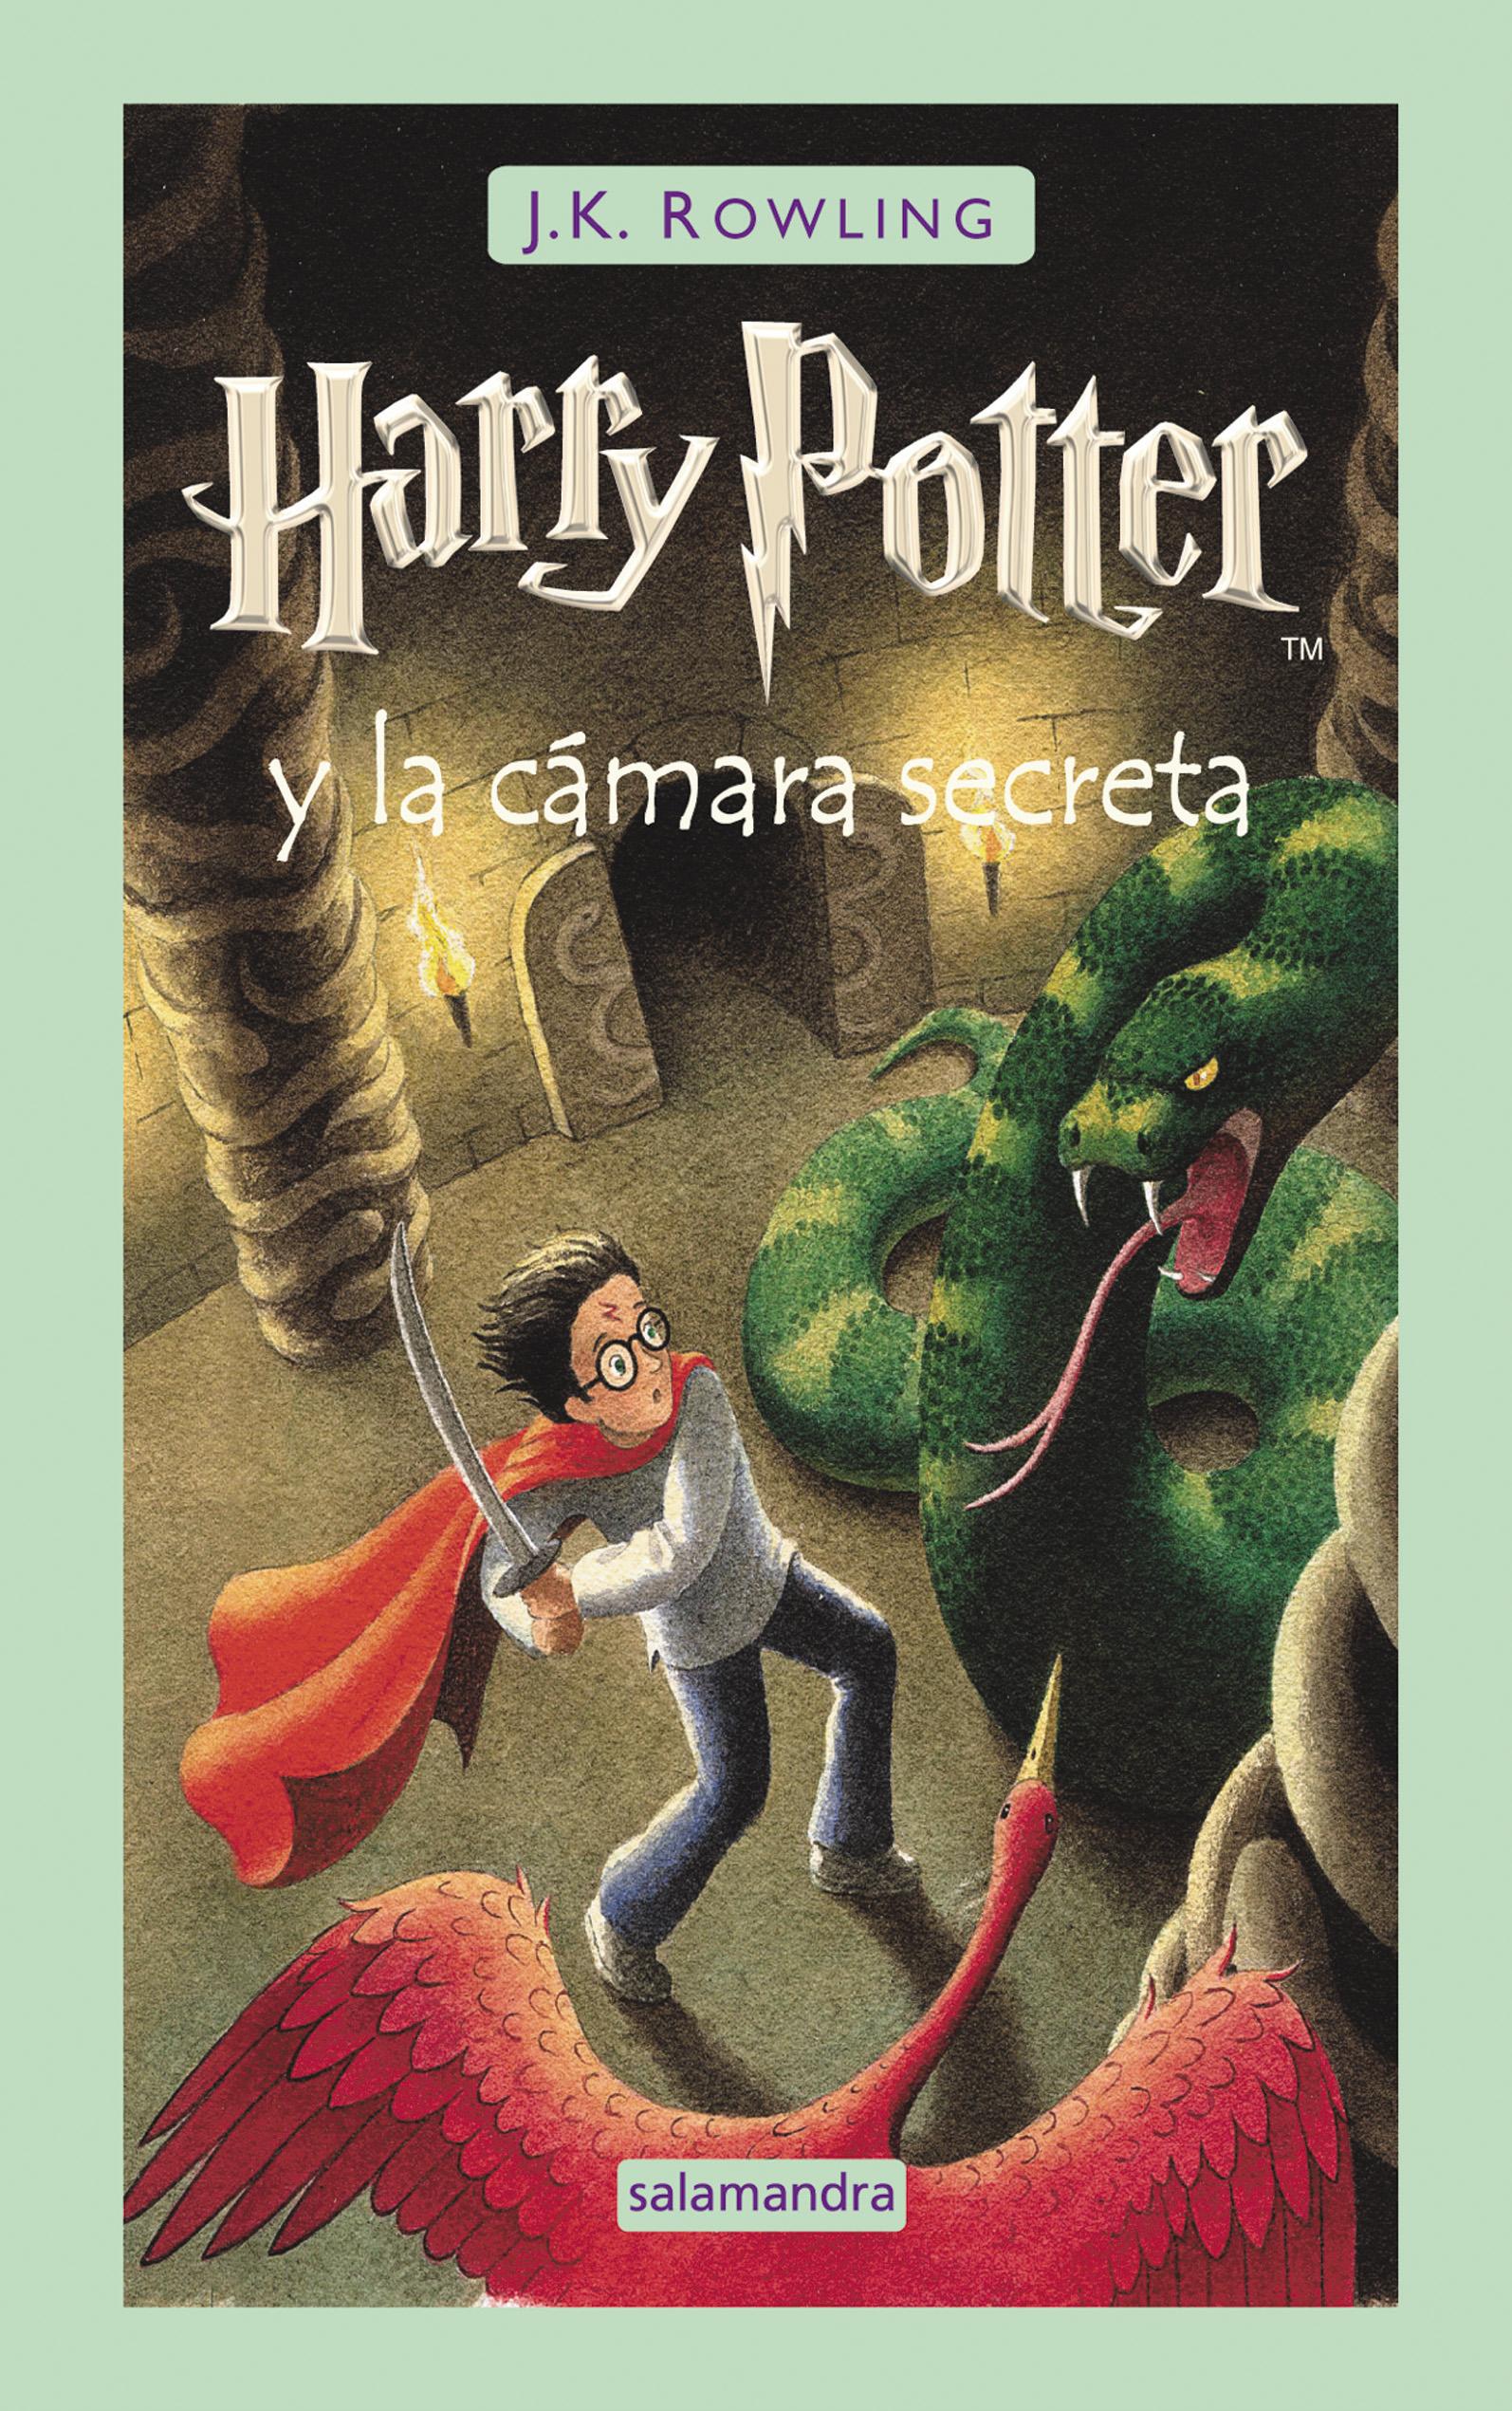 Harry Potter y la cámara secreta – J. K. Rowling